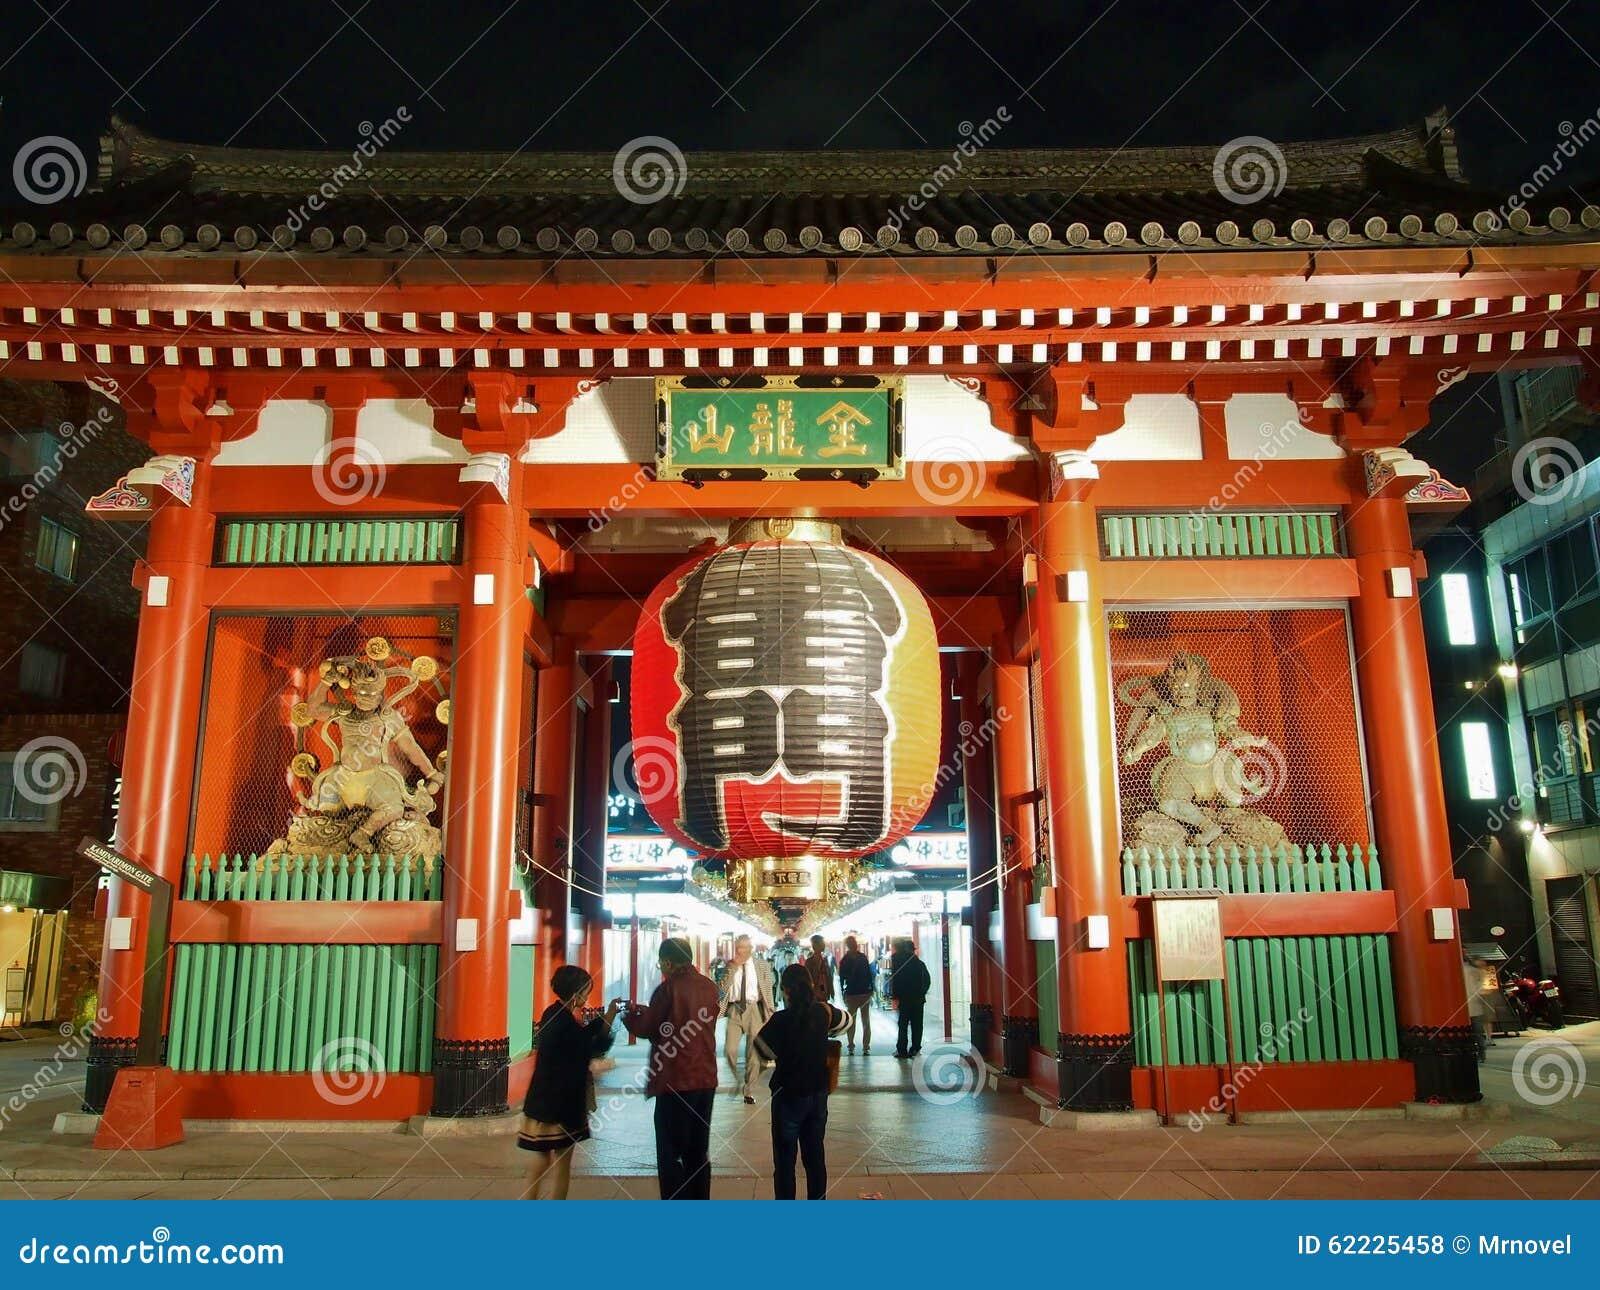 Visita Kaminarimon dos turistas - extasie a porta do templo de Senso-ji em Asakusa, Tóquio, Japão